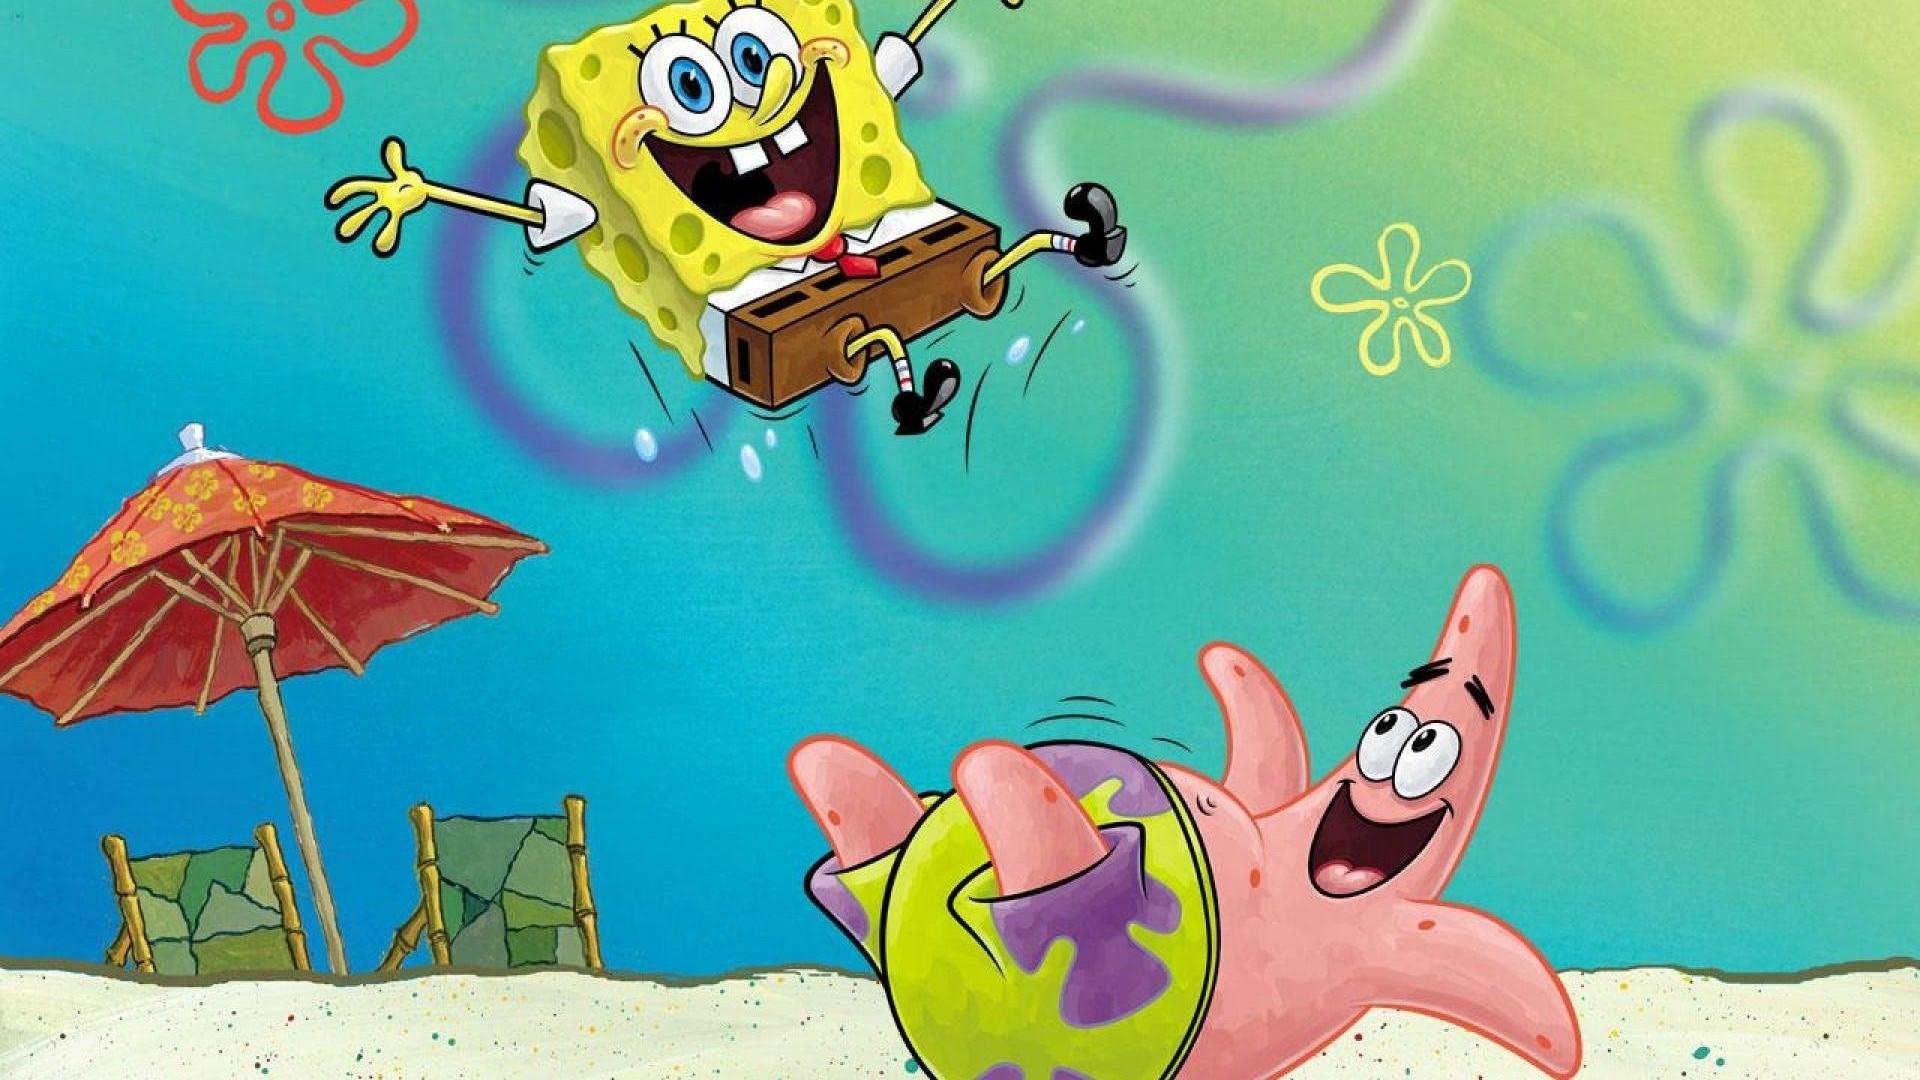 Spongebob Aesthetic High Novocom Top